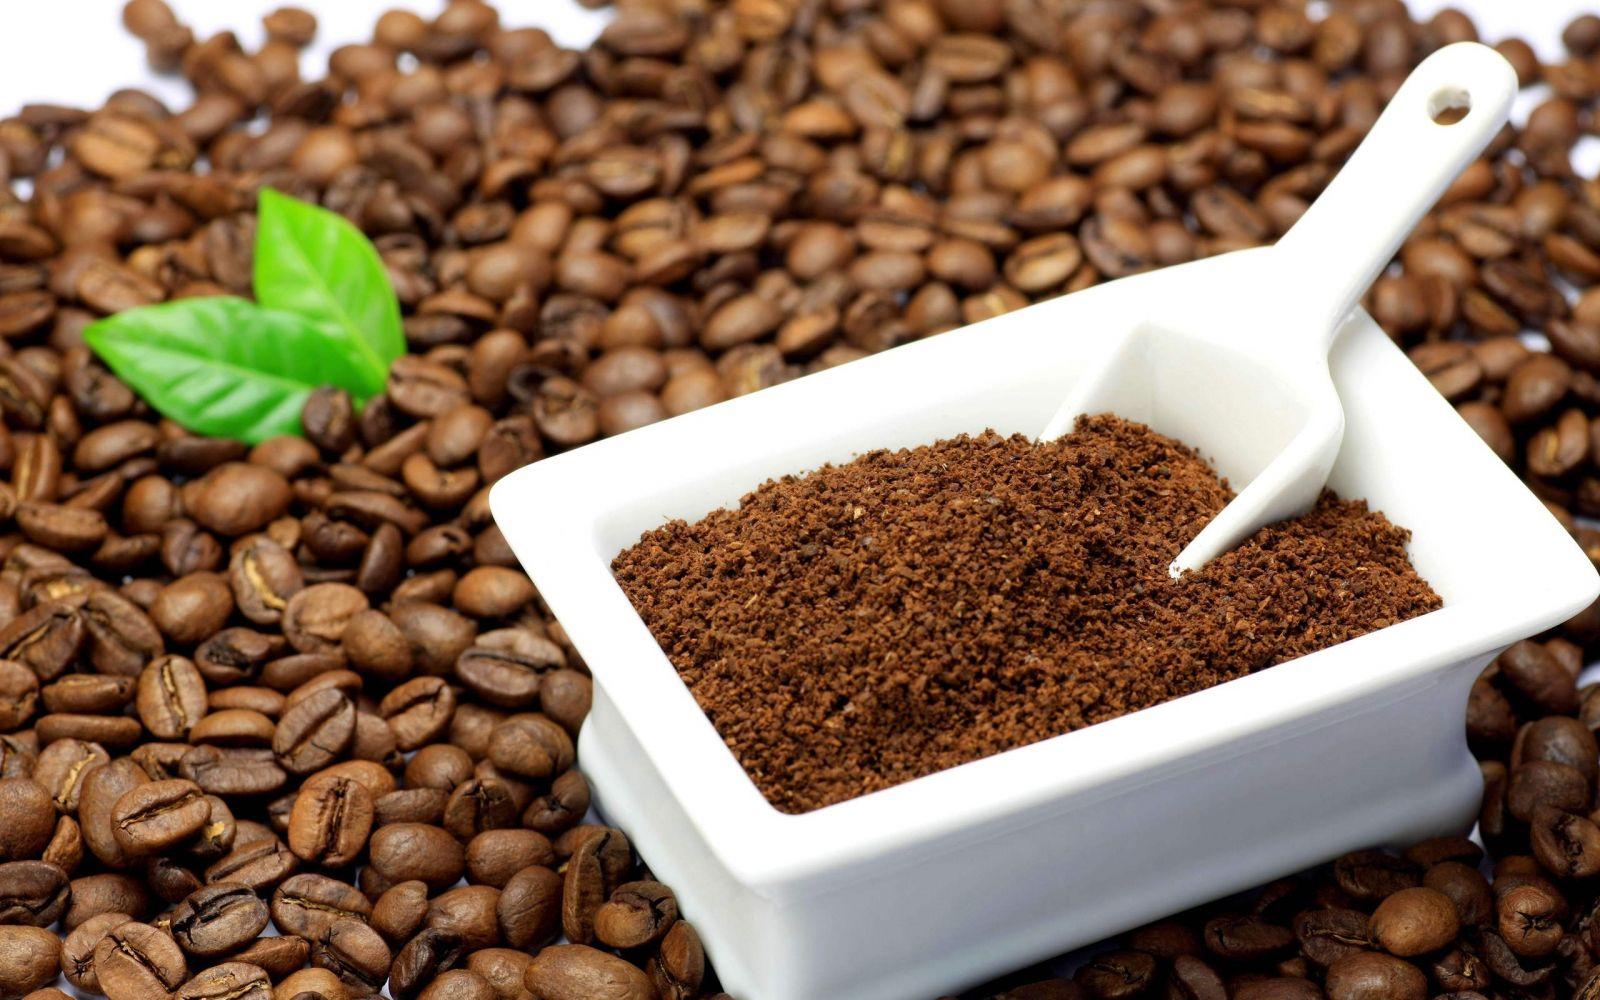 Cà phê nguyên chất không dễ để nhận biết